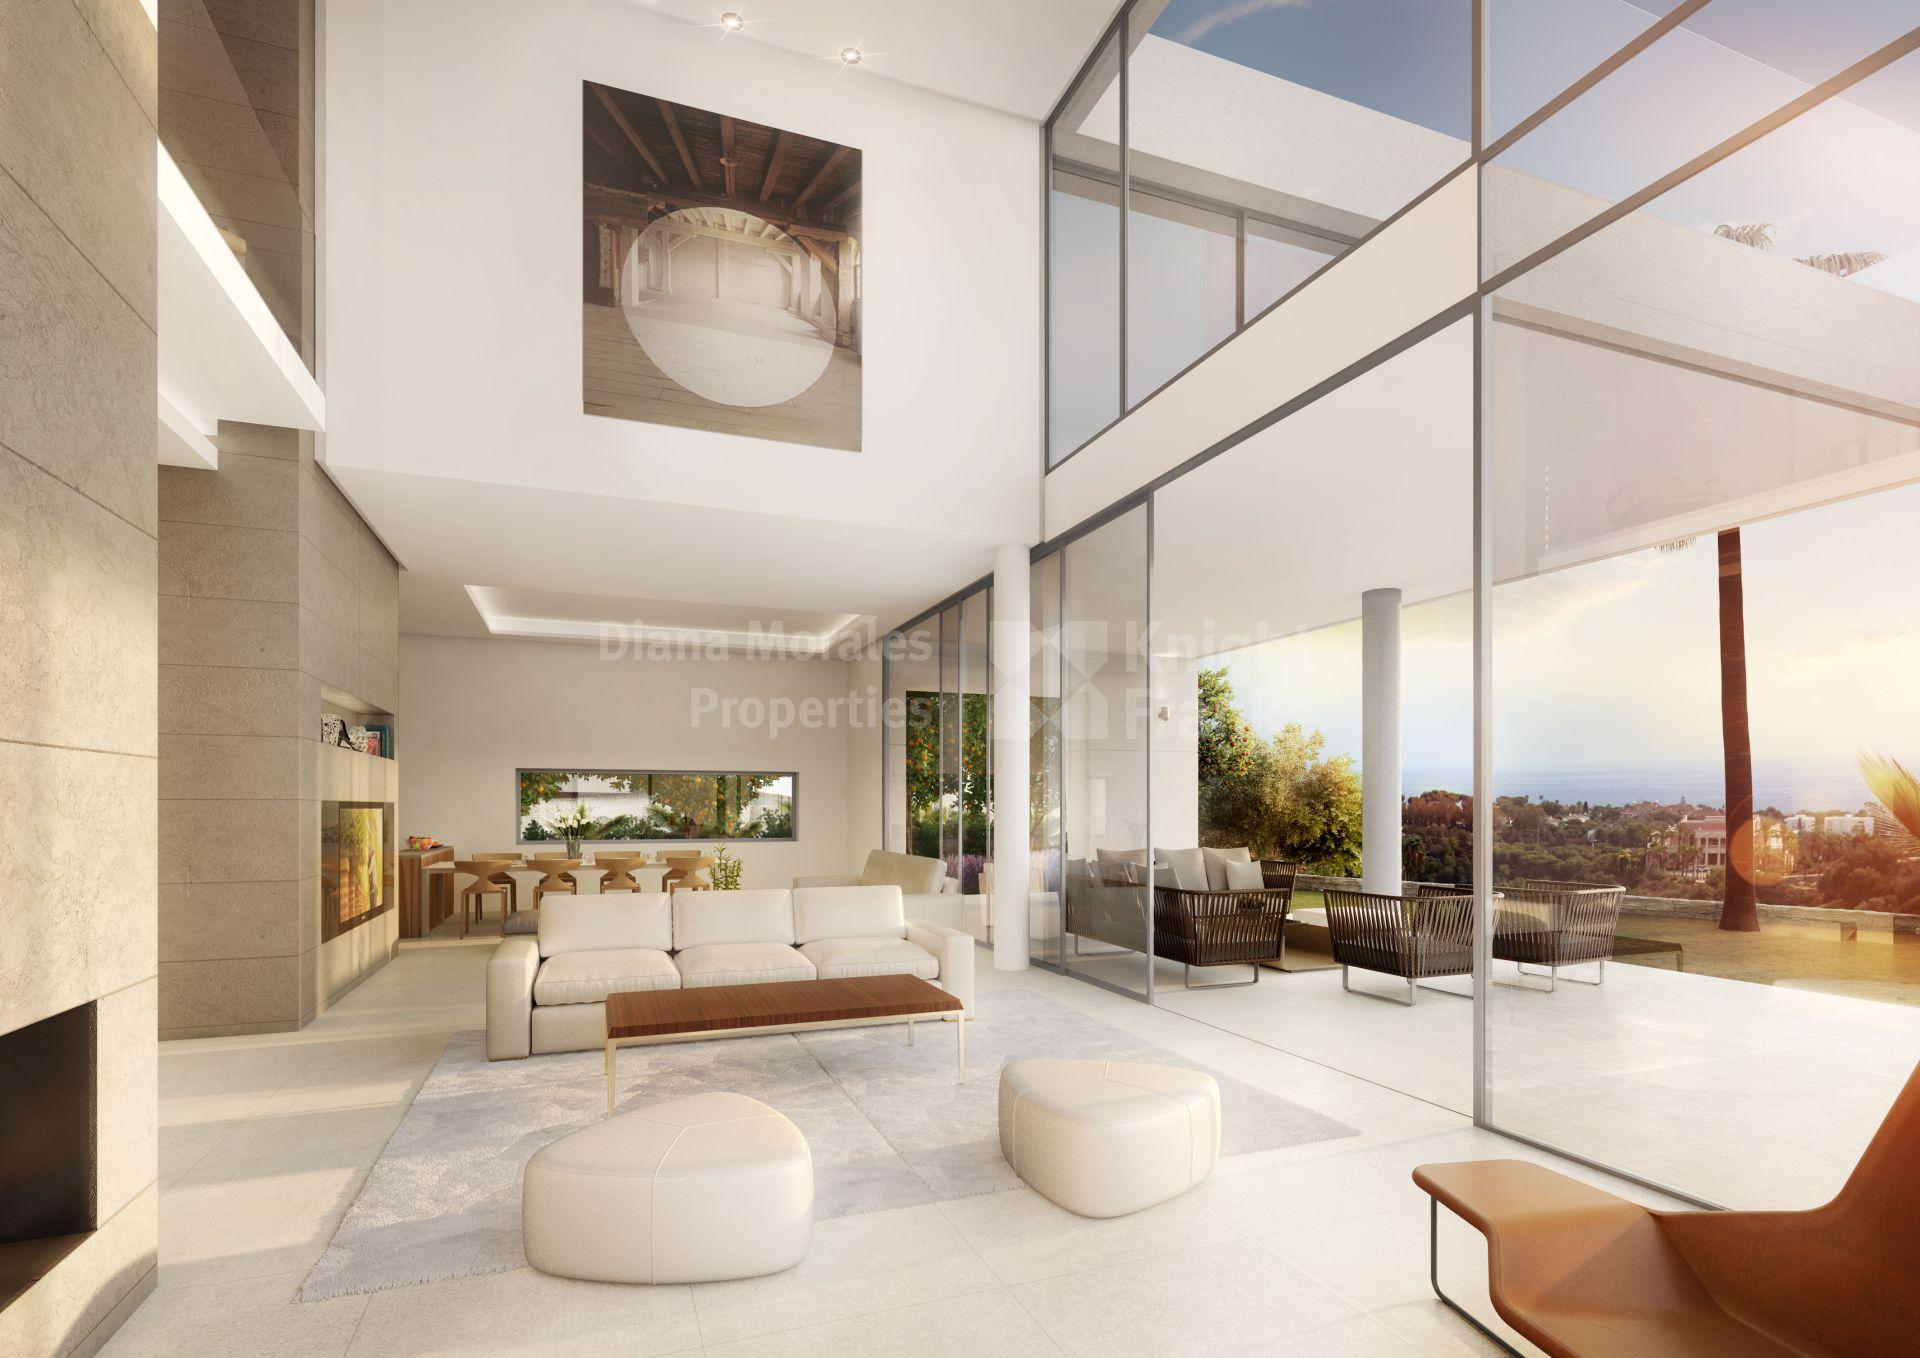 santa clara promoci n de villas ultra modernas al este de marbella. Black Bedroom Furniture Sets. Home Design Ideas